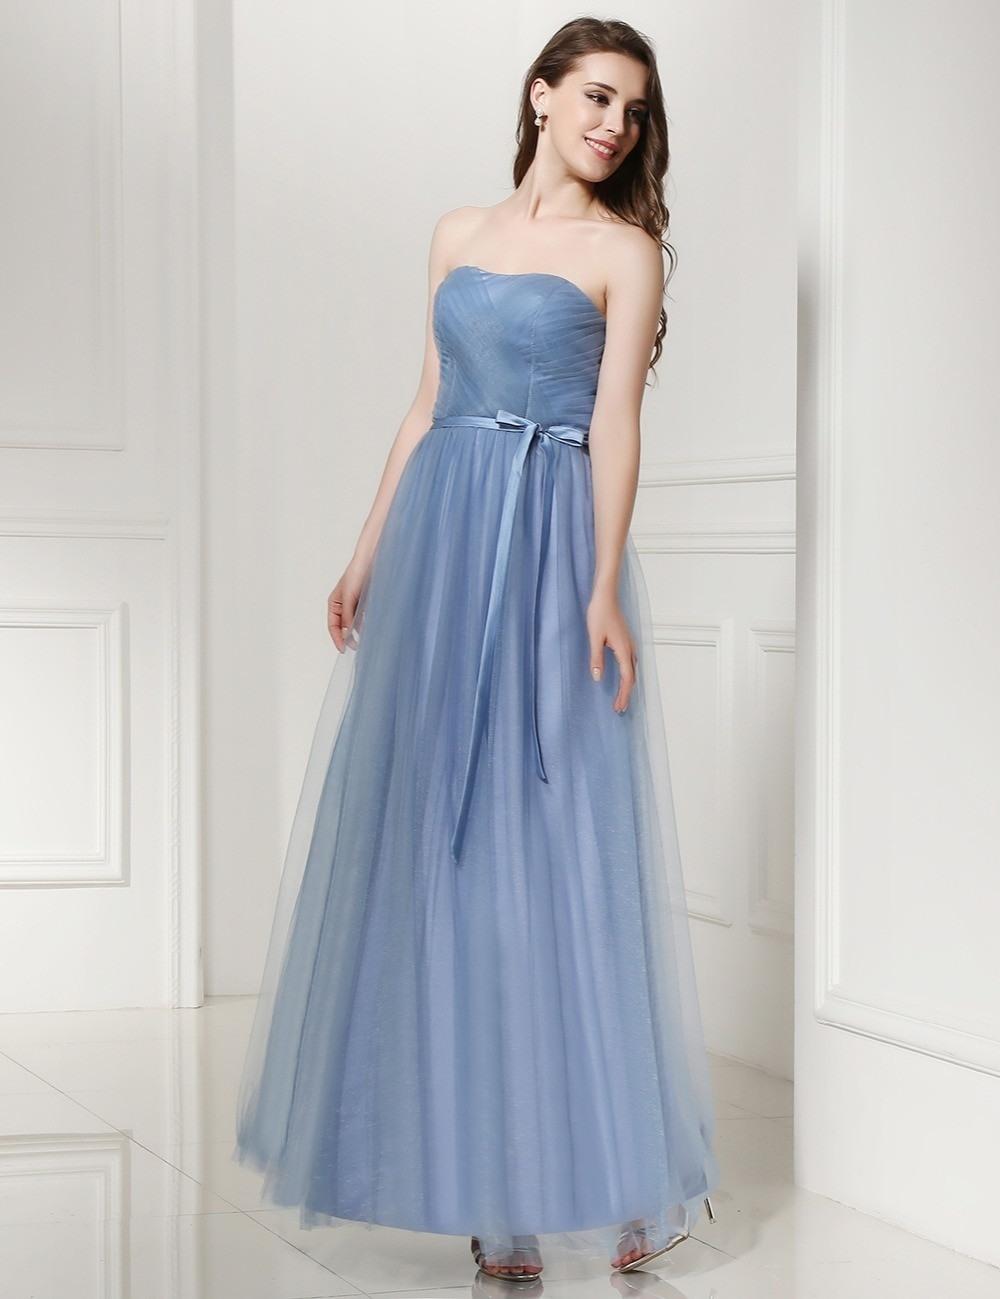 Designer Genial Blaue Kleider Hochzeit Boutique15 Großartig Blaue Kleider Hochzeit Galerie